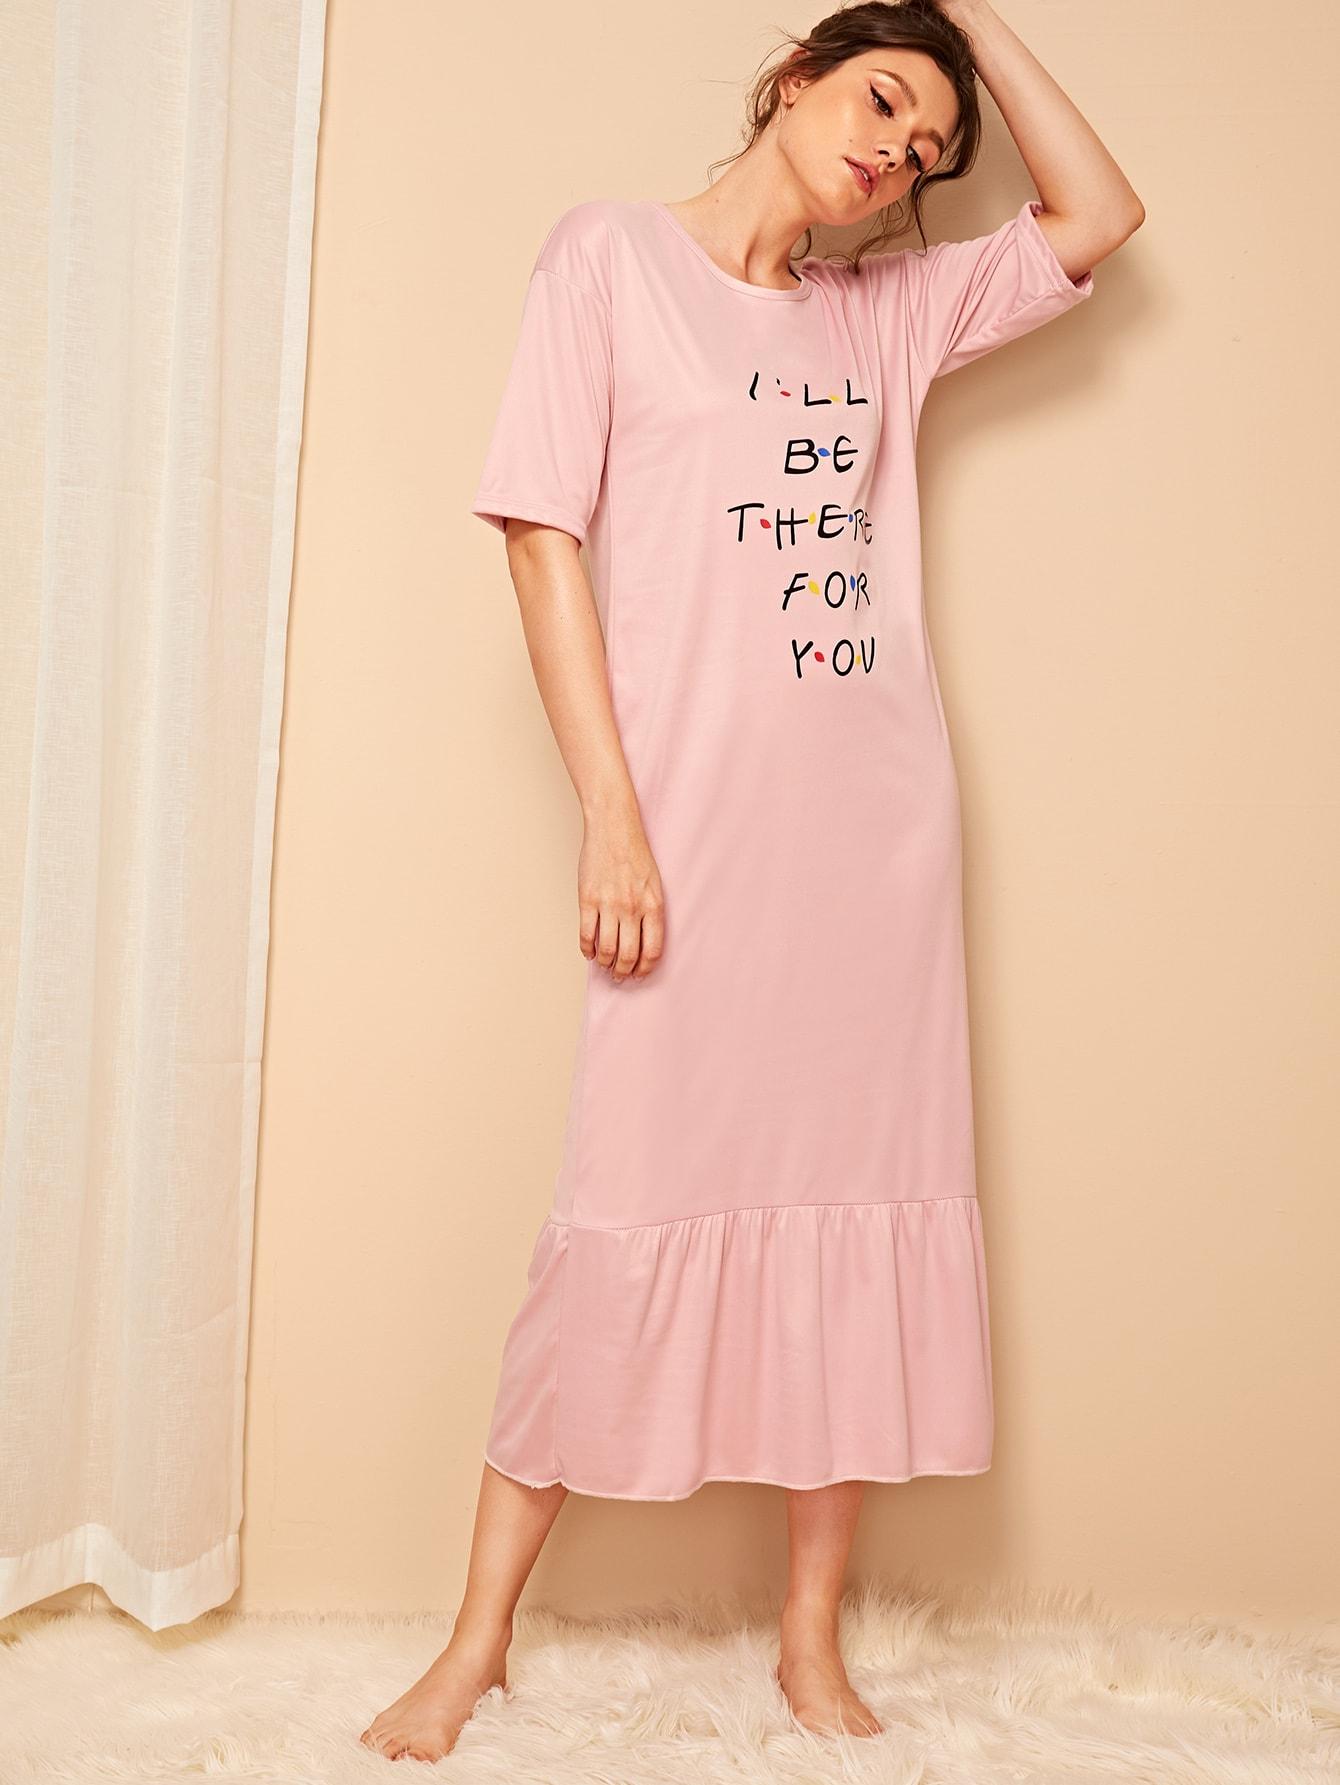 Фото - Ночная рубашка с оборкой и текстовым принтом от SheIn цвет розовые